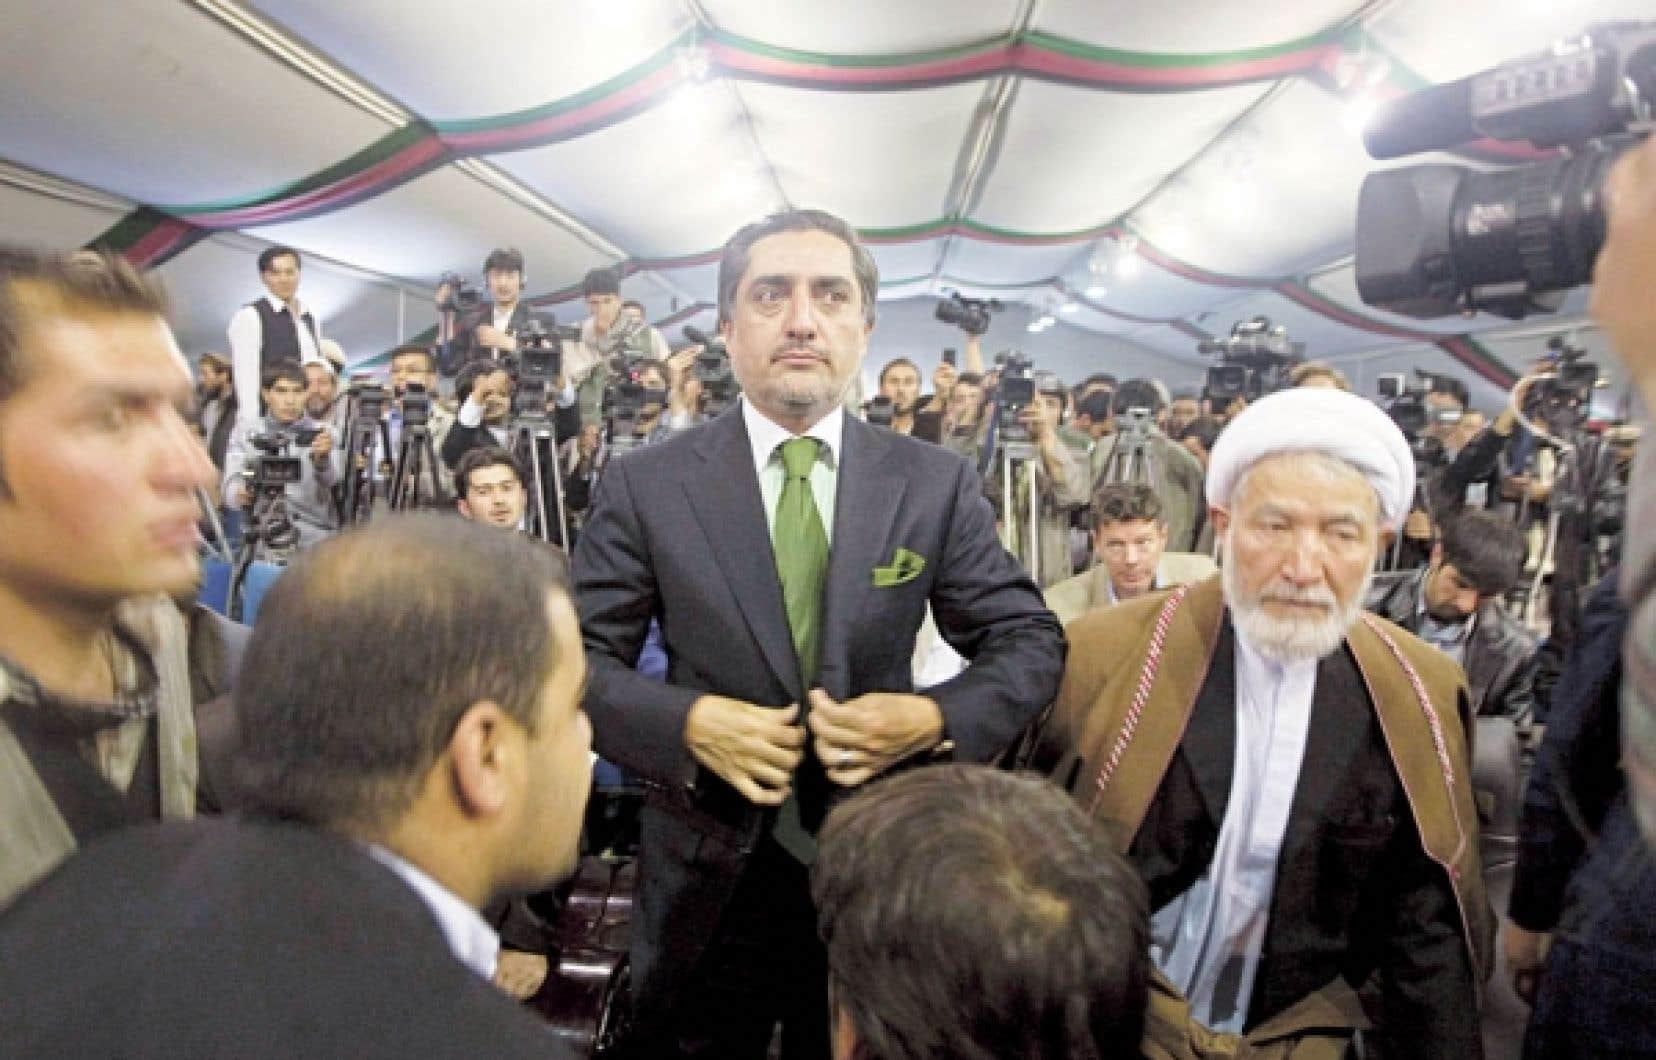 Le candidat Abdullah Abdullah s'est retiré hier du 2e tour de la présidentielle